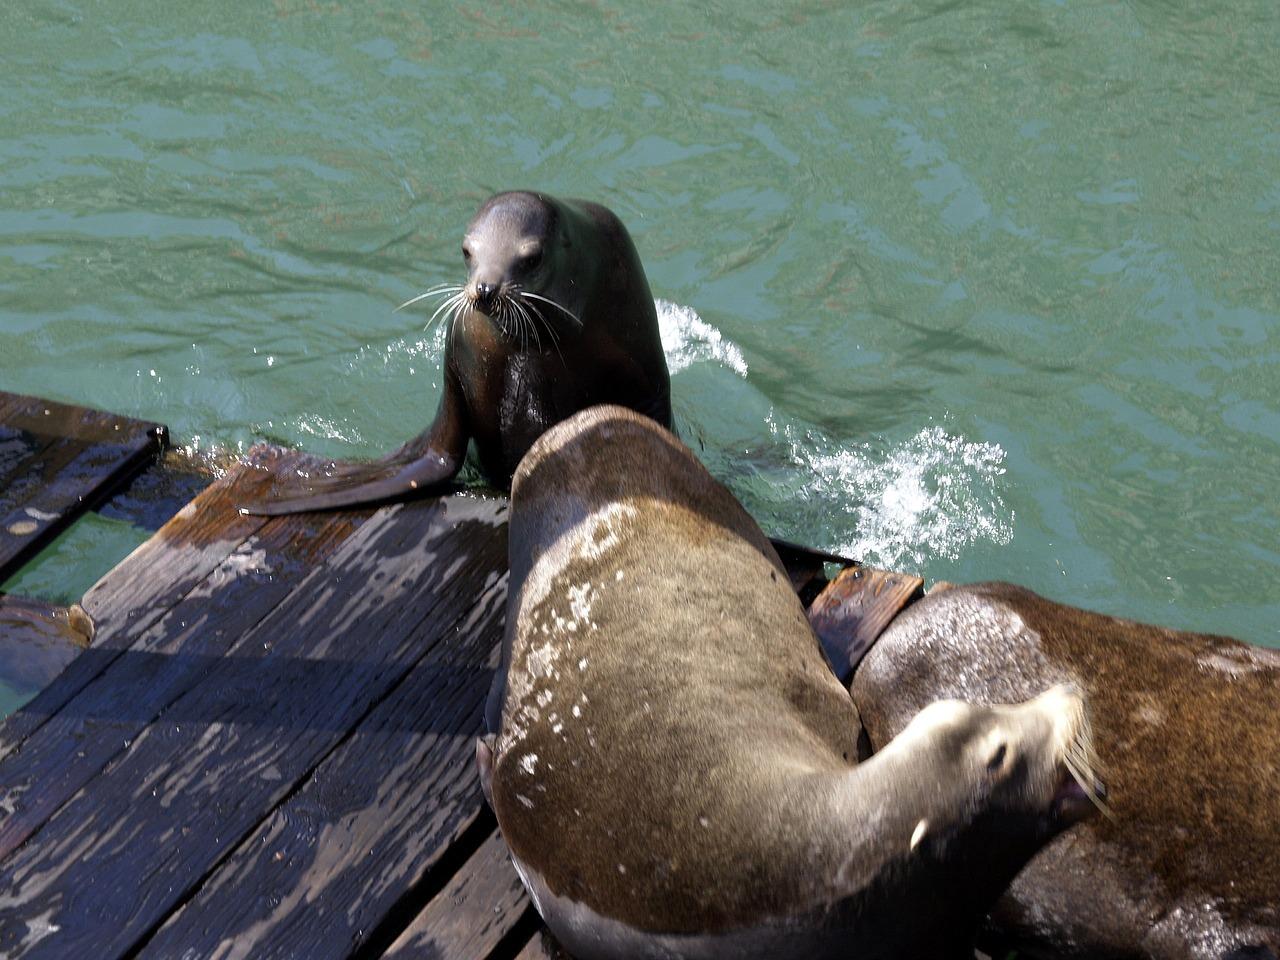 密封,动物,太平洋,海洋,哺乳动物,野生动物,极性,动物园,水,游泳者,人居,猎人,北极,濒危,南极,可爱,池,休息,潜水,自然,水肺,鱼,游泳,生态系统,播放